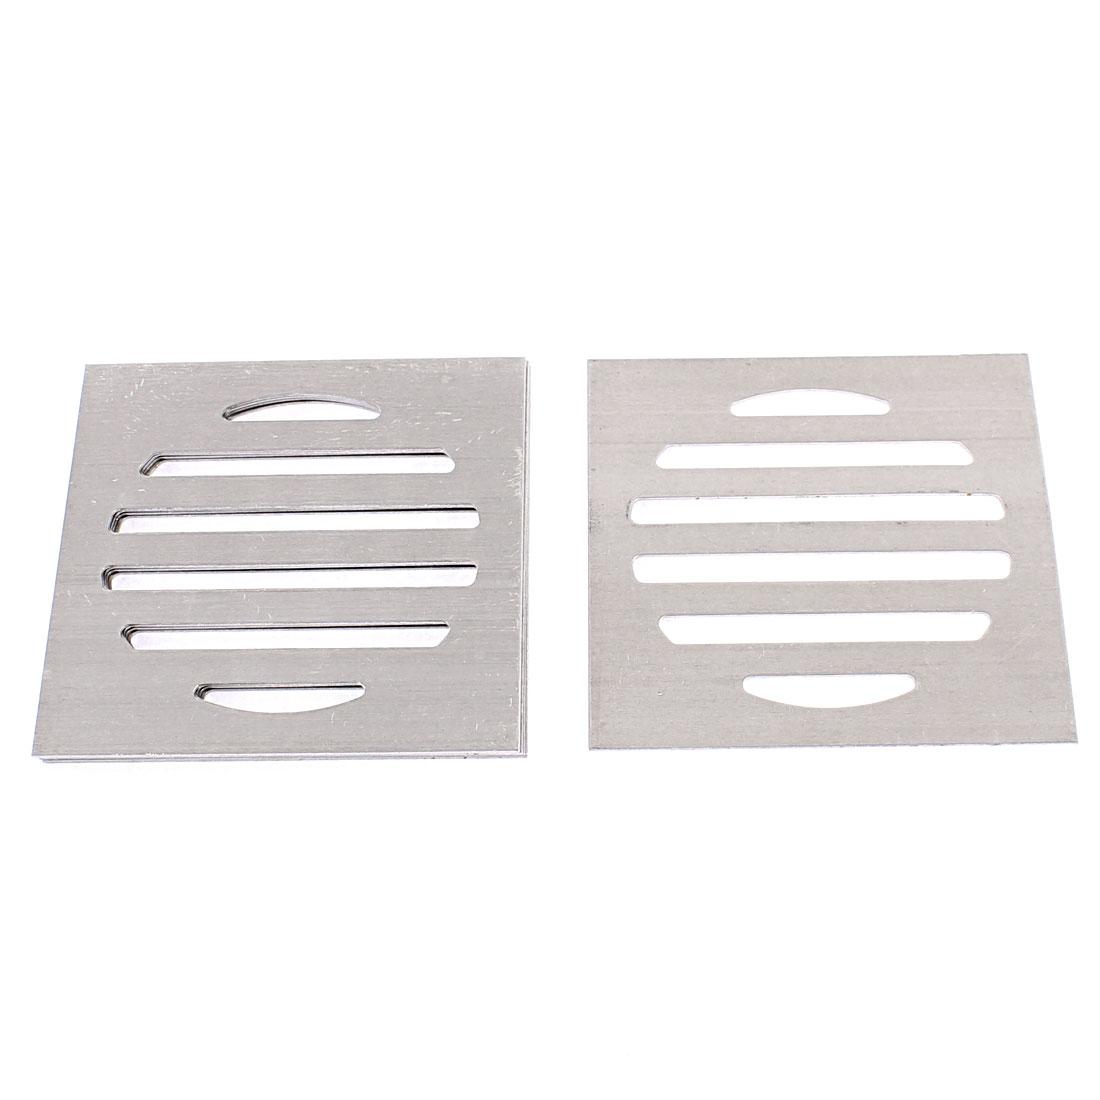 Kitchen Bathroom Square Floor Drain Drainer Cover 7.5cm x 7.5cm 6Pcs